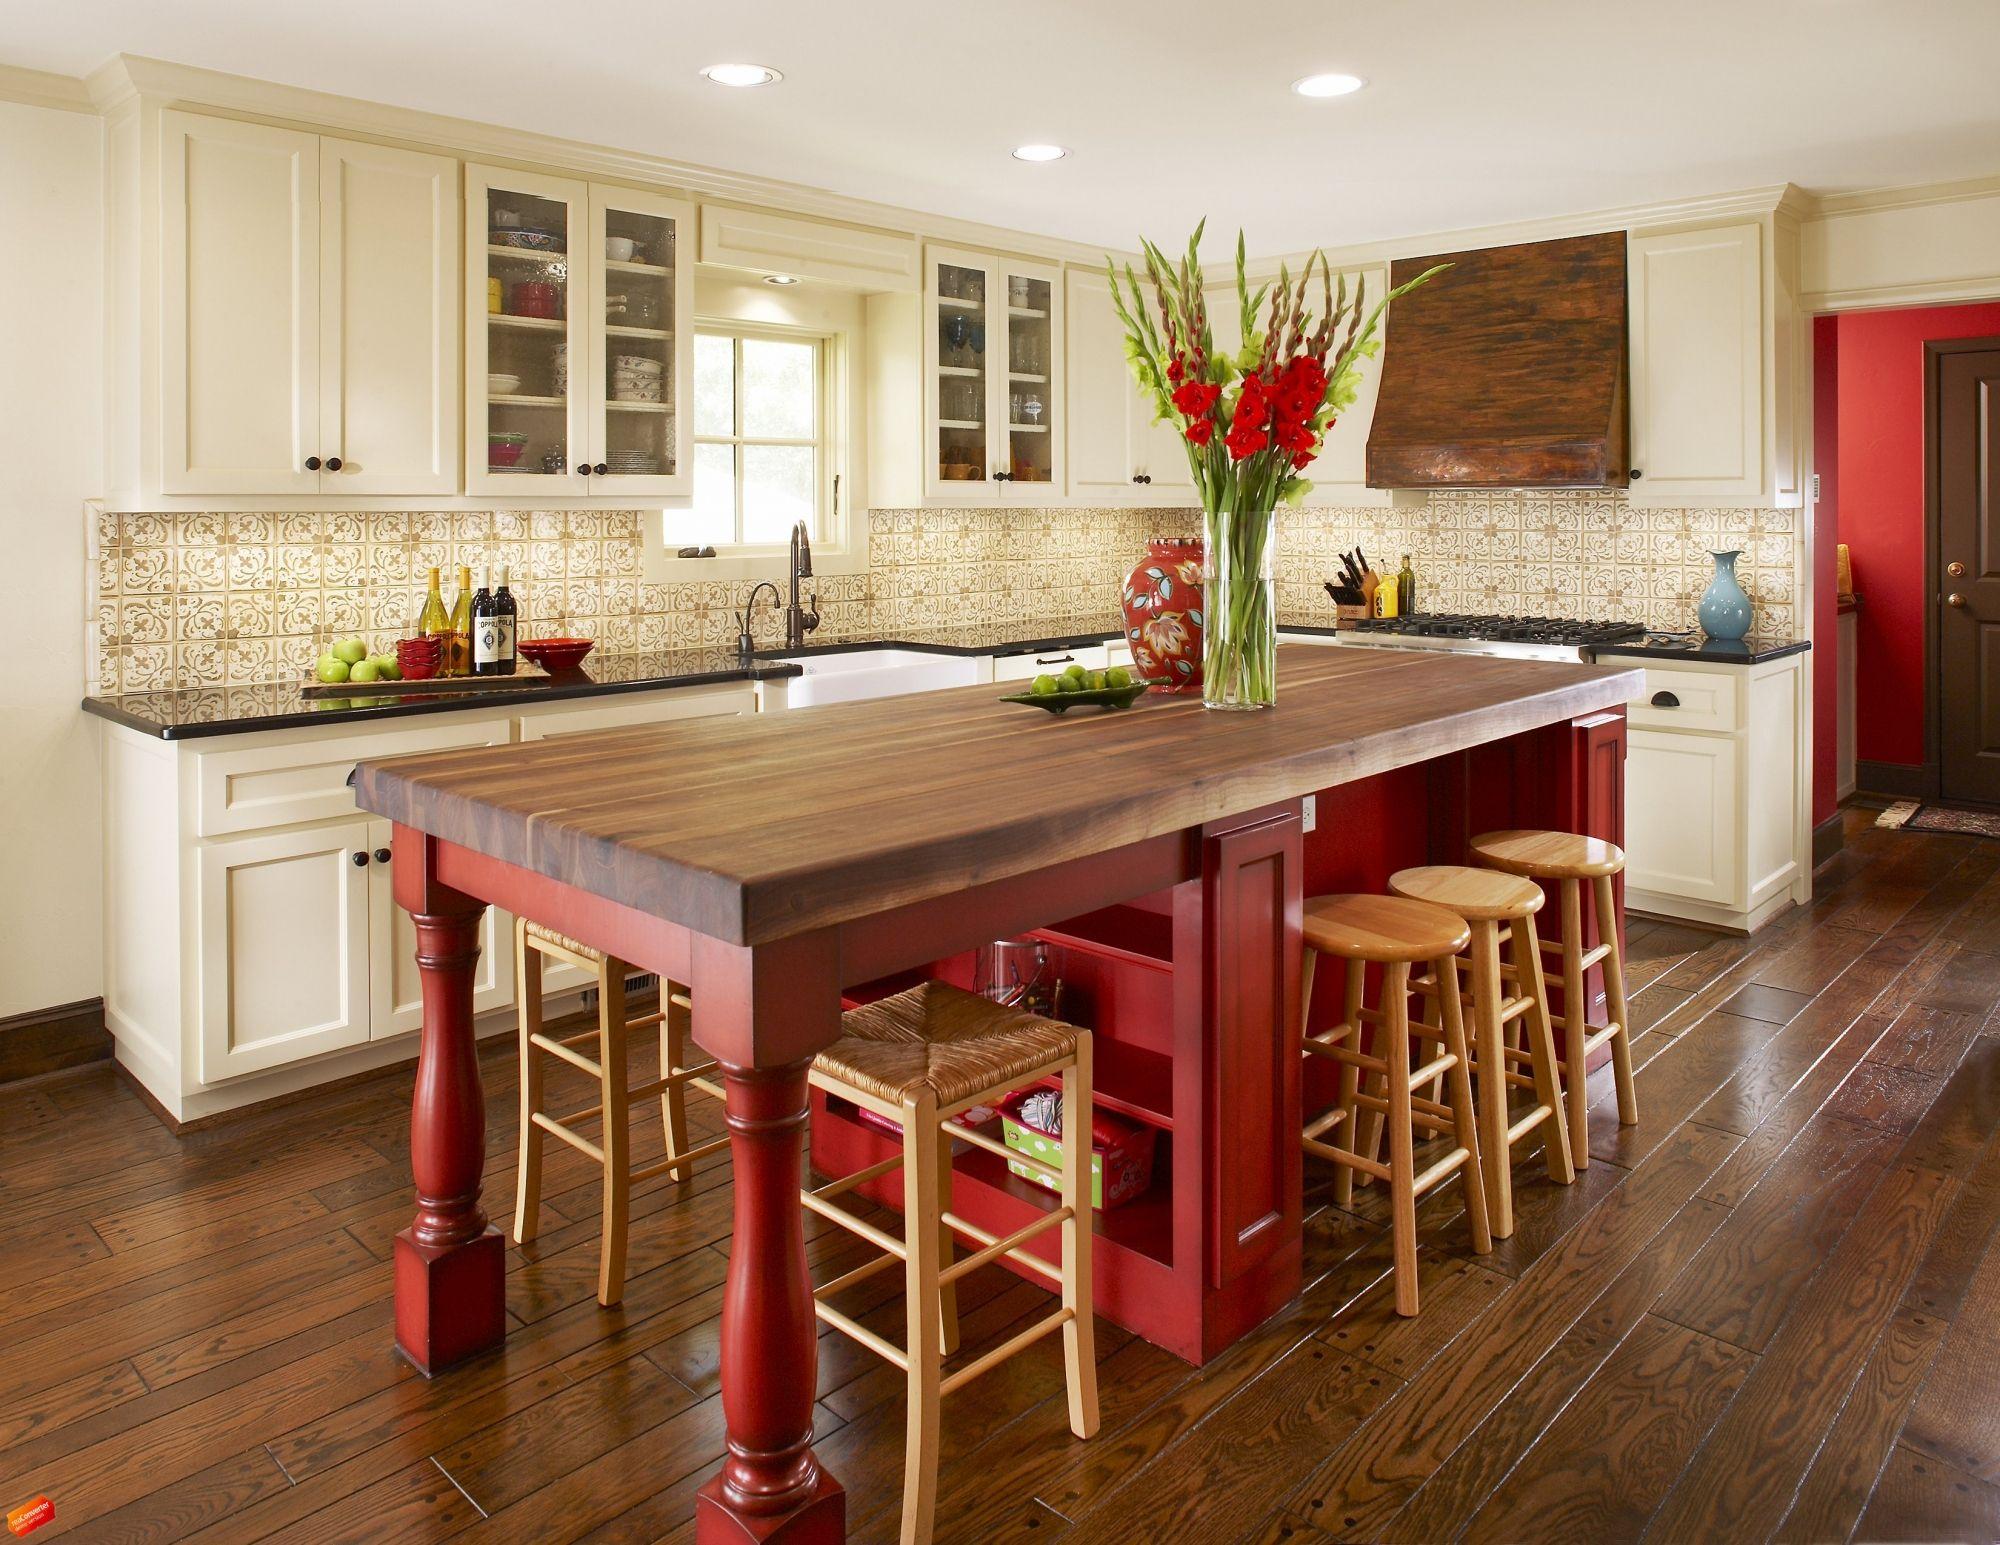 Baby Boomer Kitchen Kitchen Design New Kitchen Kitchen Inspirations Red kitchen island with stools